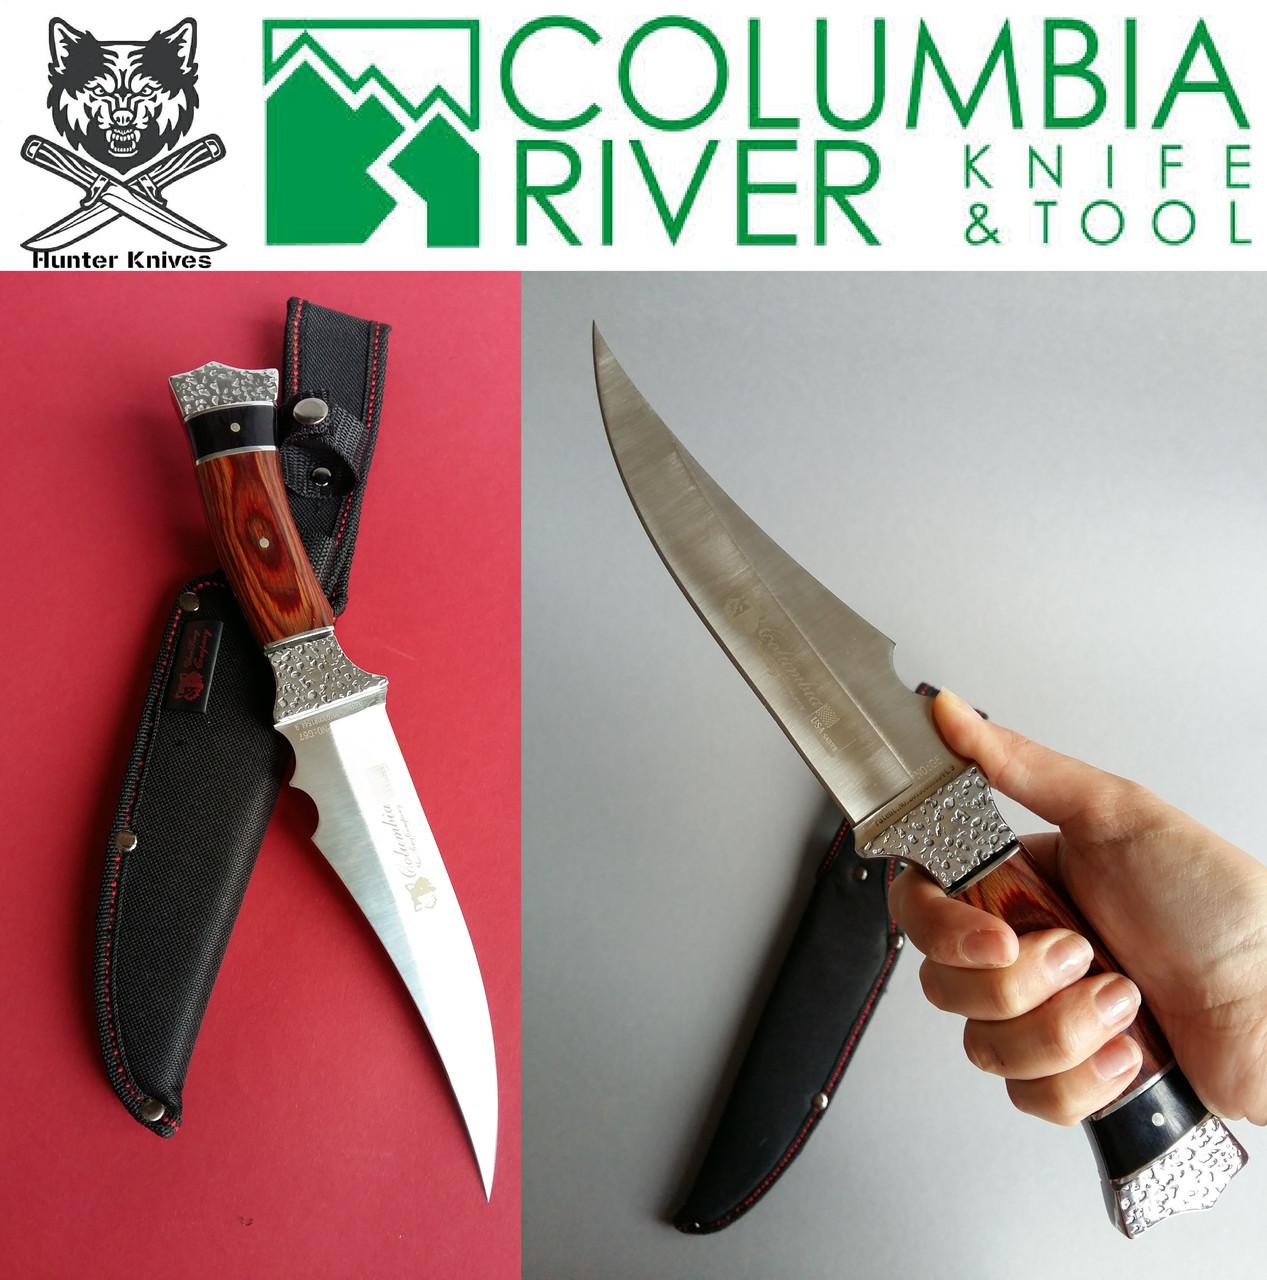 Большой нож с чехлом для охоты, рыбалки и туризма. Боевые ножи Columbia Fantom.